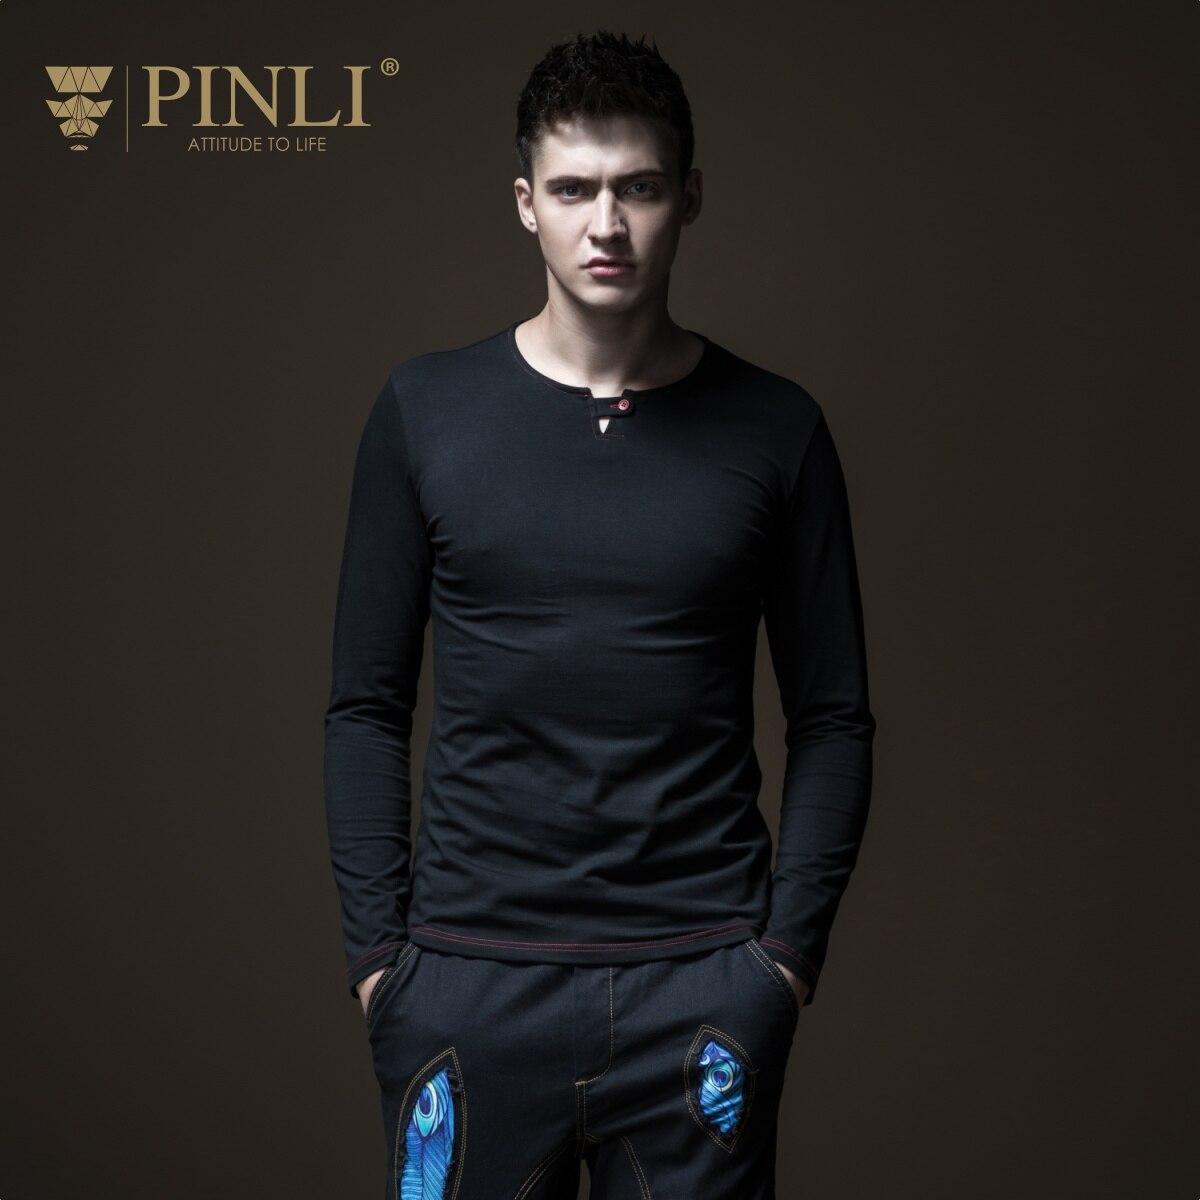 Dragon Ball Palace Pin Li nouveau automne T-shirt à manches longues homme col rond couleur Pure auto réparation chemise de fond B183111081